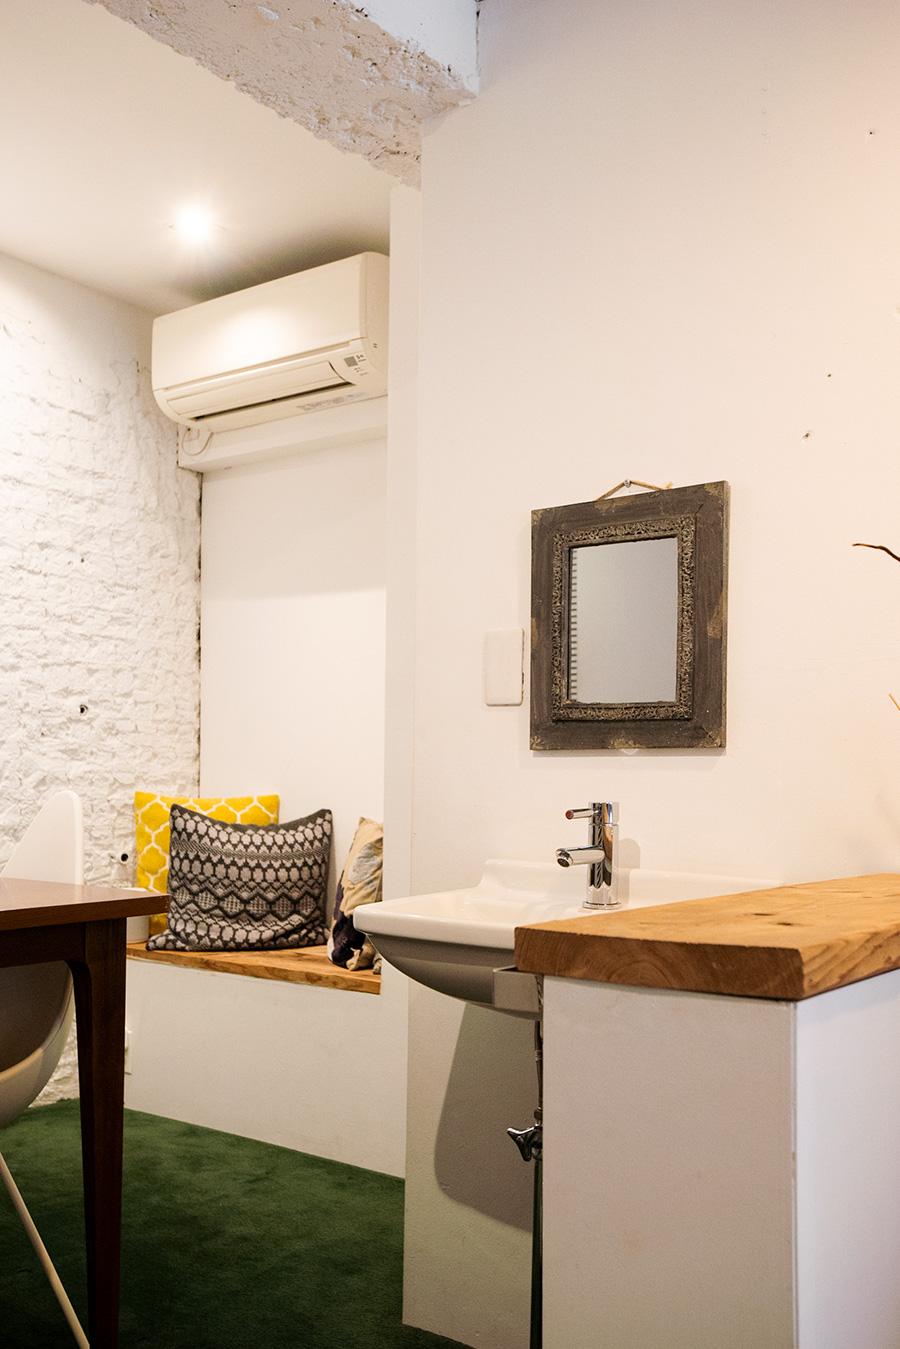 洗面所のあるべッドルームだった空間。左奥の壁はタイルに塗装したもの。